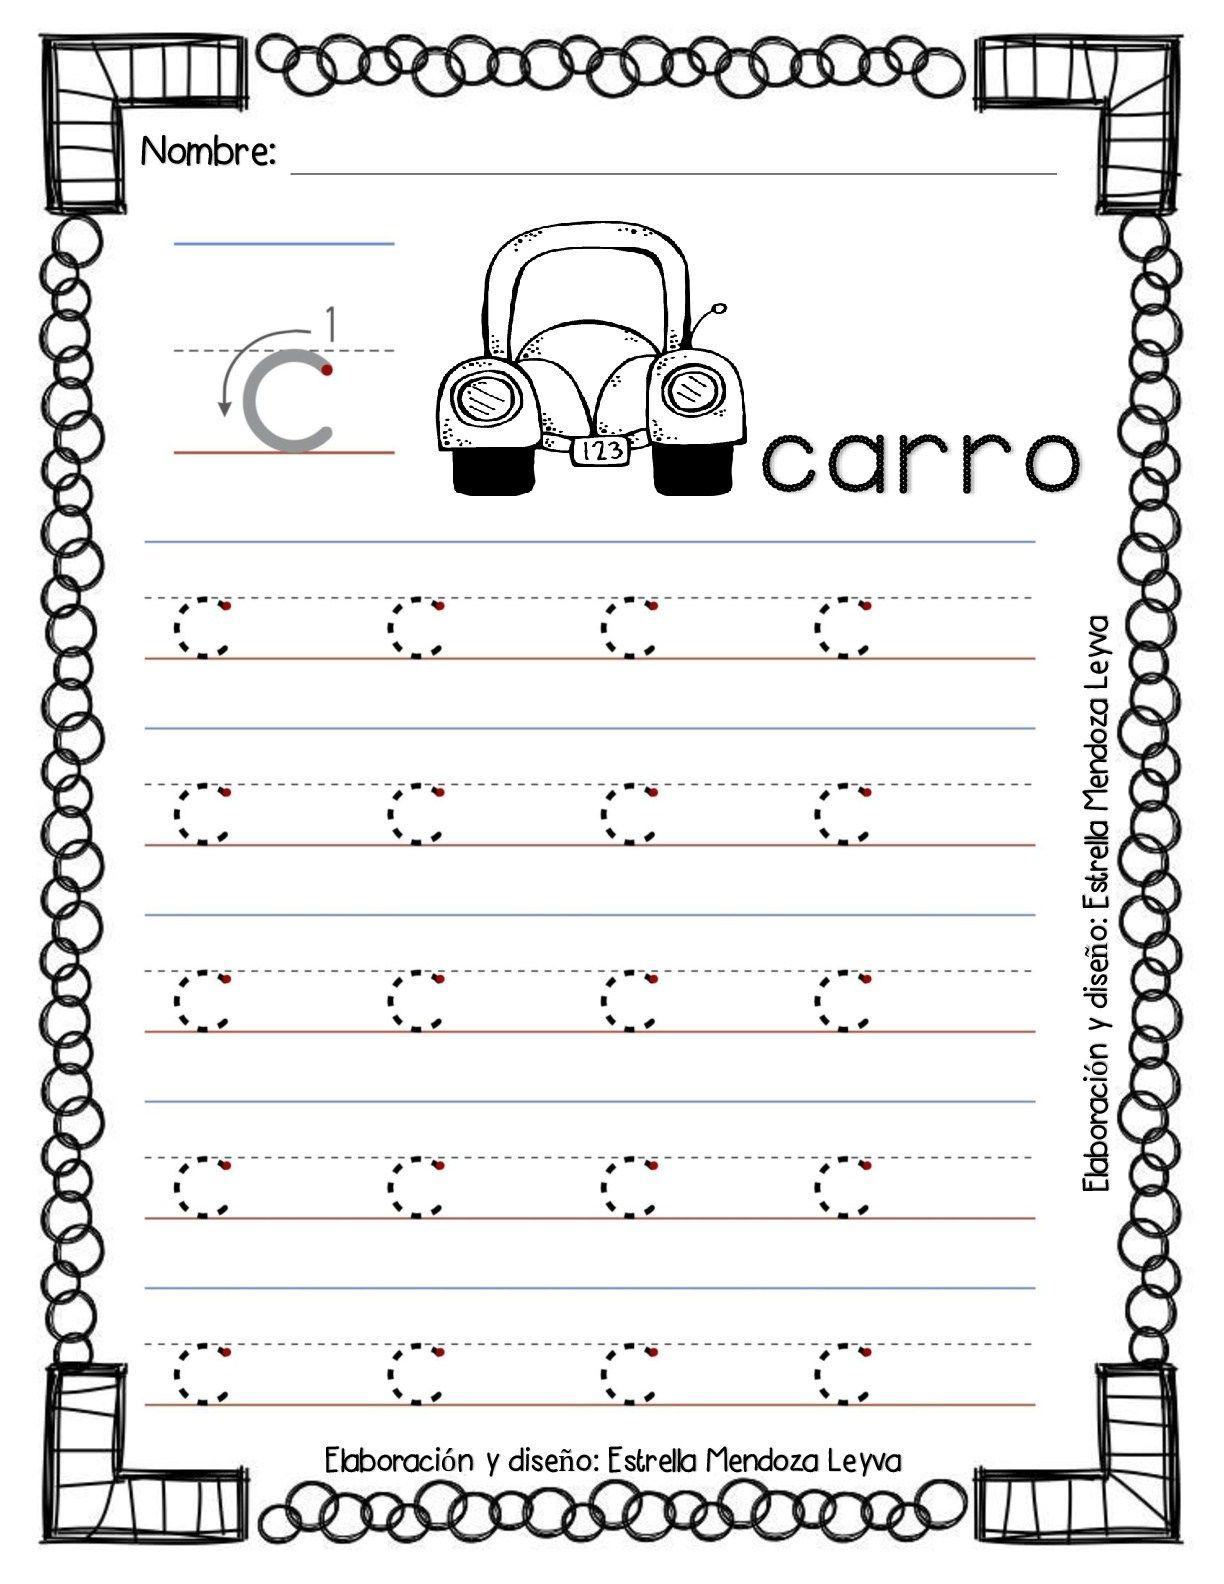 Libro de grafomotricidad todas las letras en trazos | letra C y Q ...